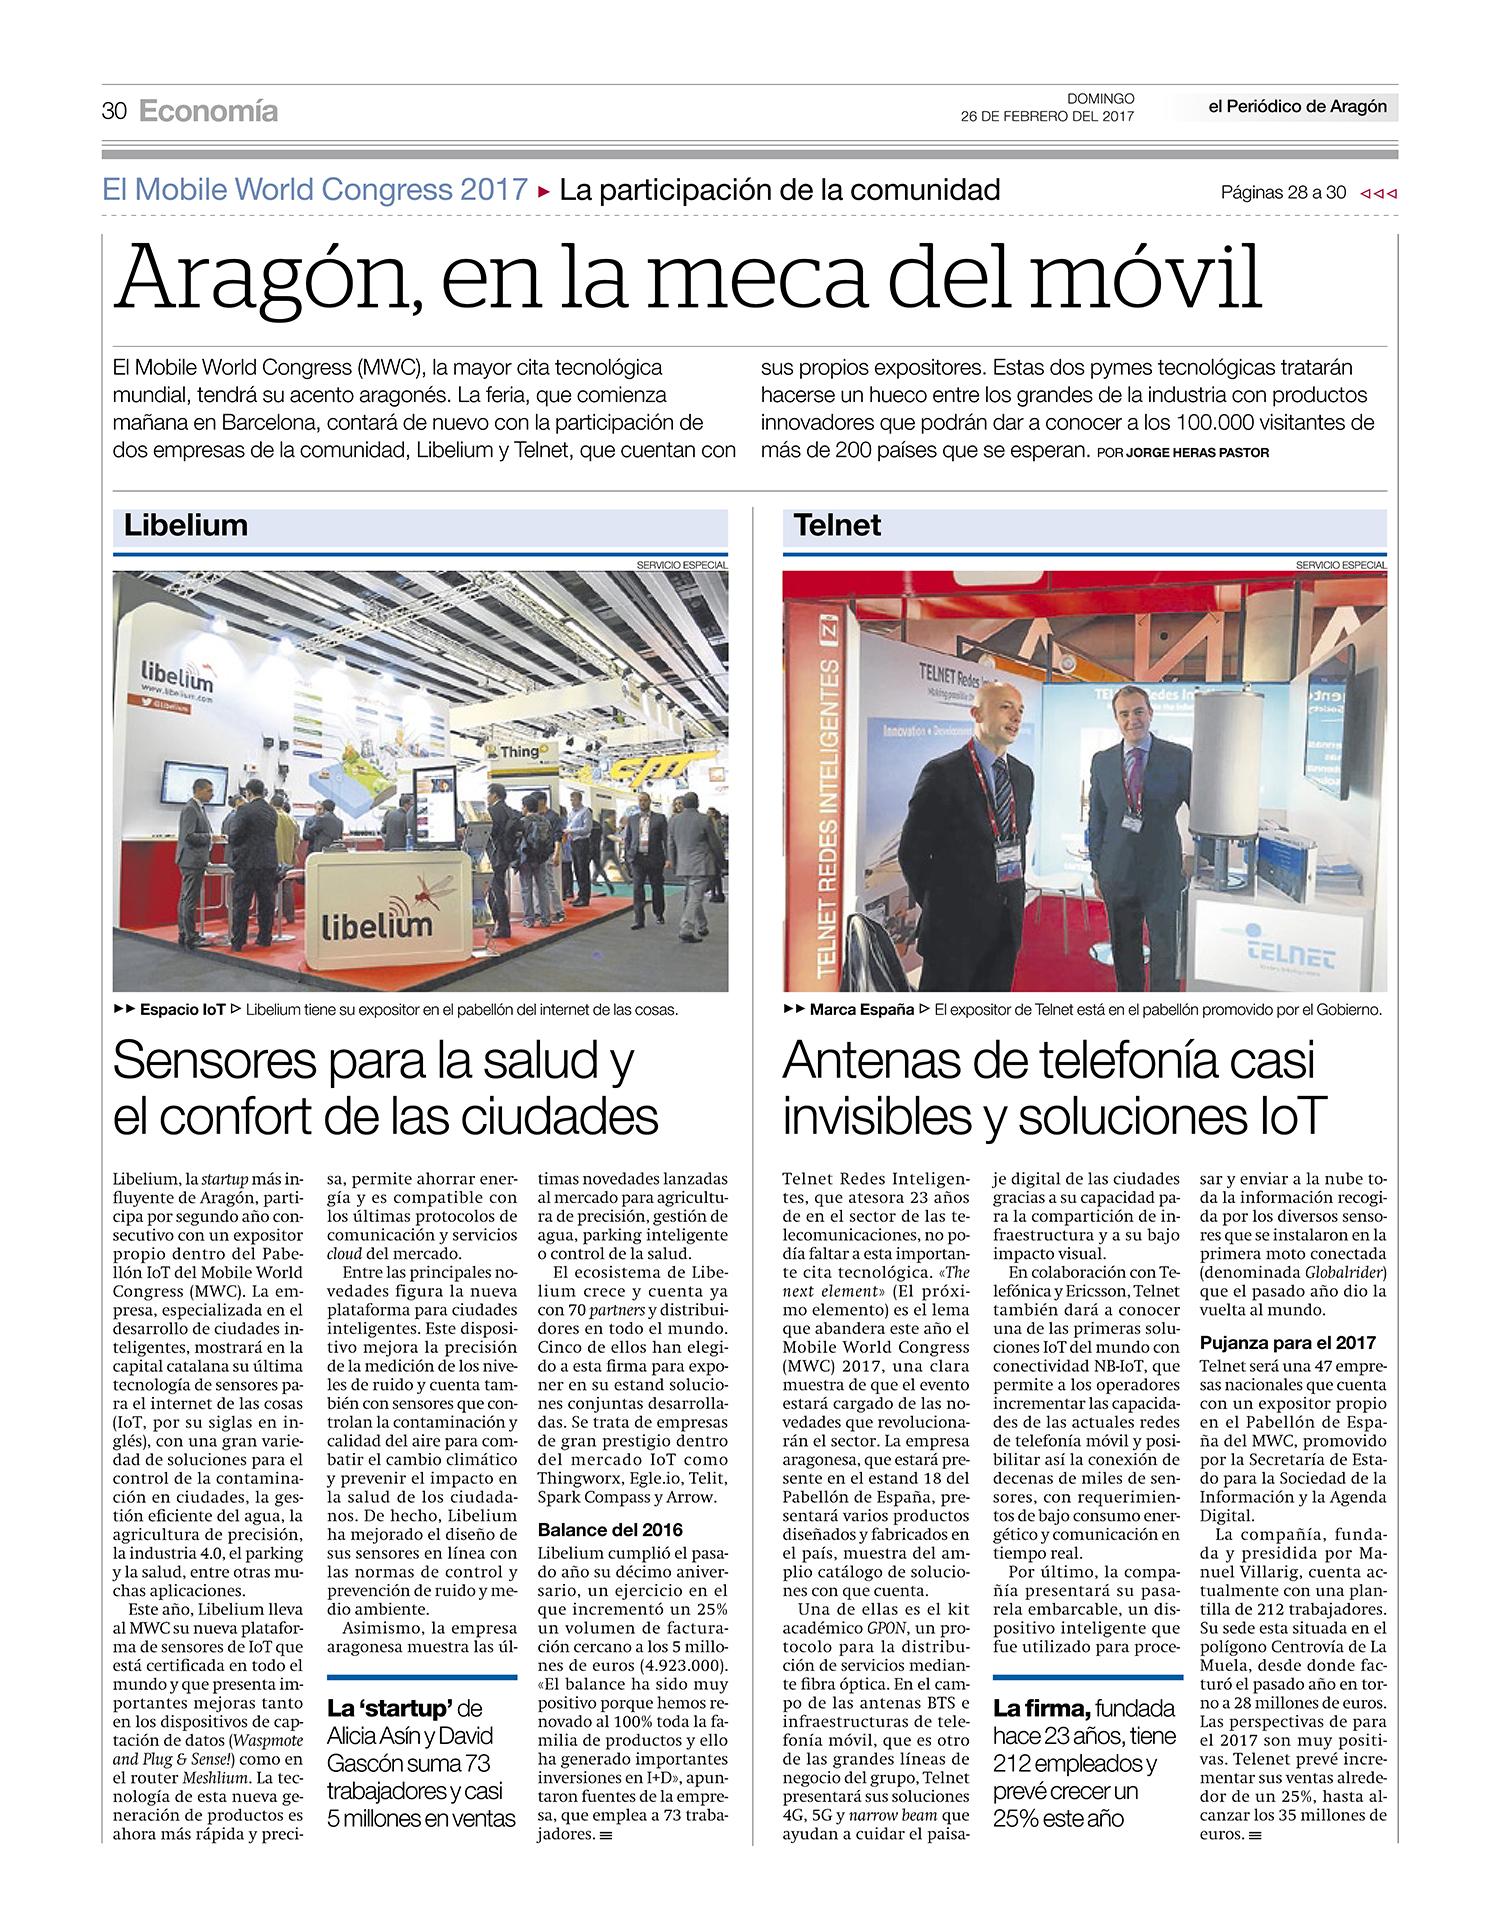 El Periódico de Aragón – Aragón, en la meca del móvil